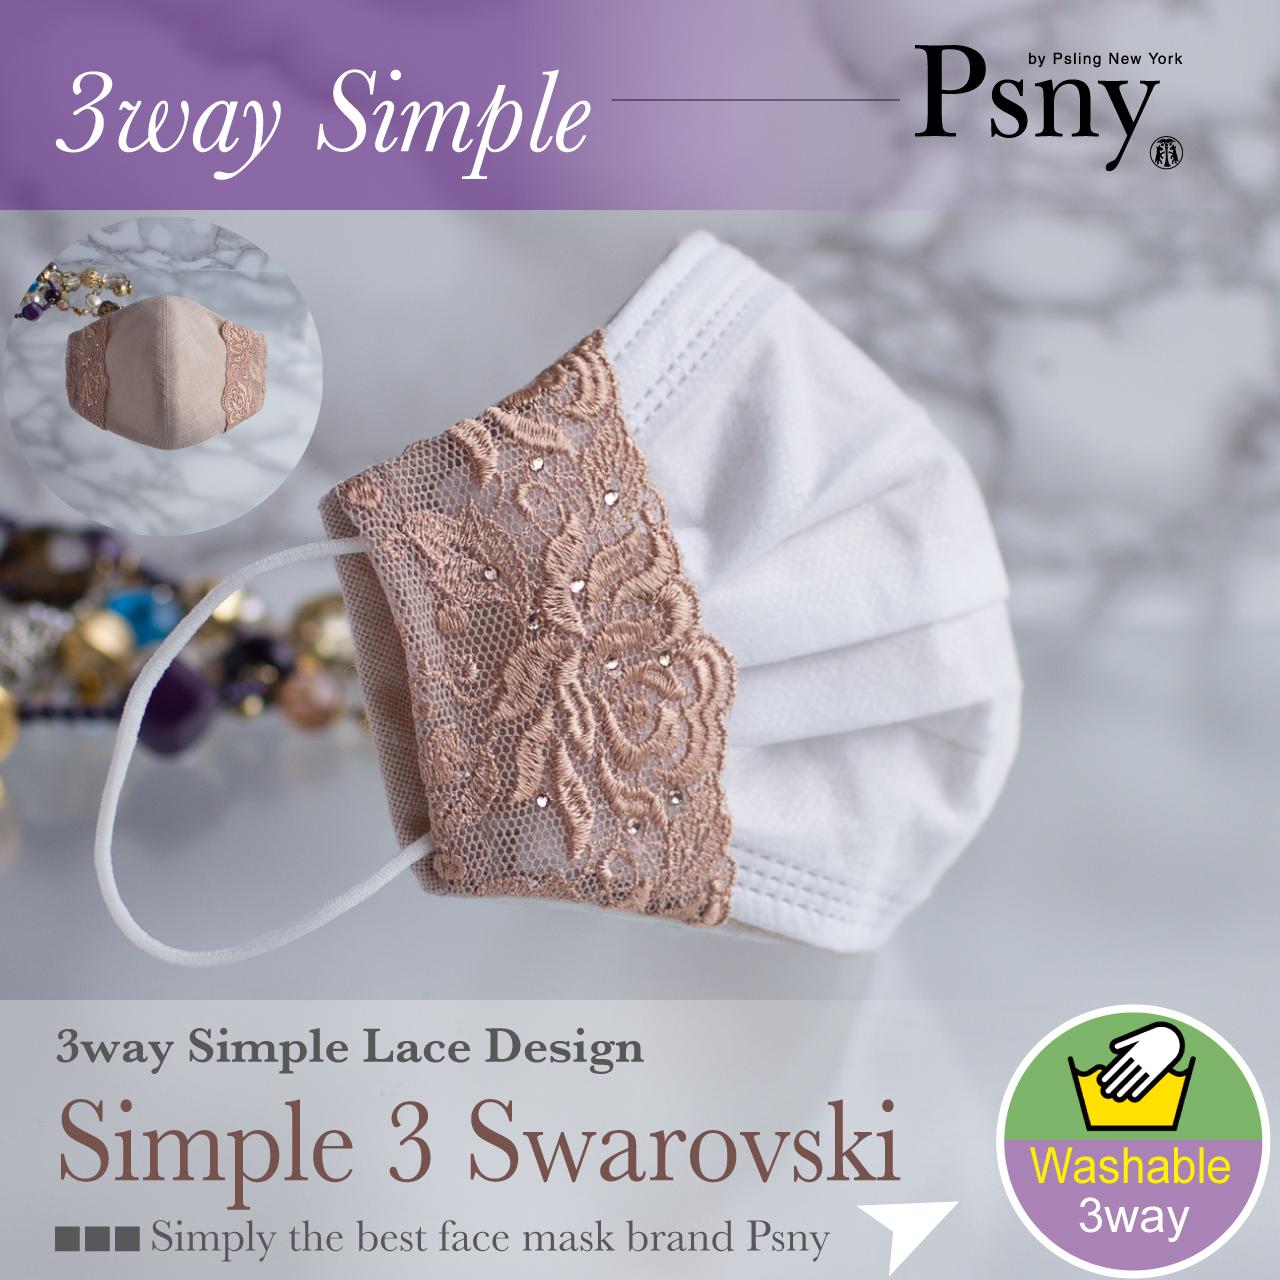 PSNY 3way シンプル レース 3 スワロフスキー 不織布マスクを美しくするマスクカバー 立体 大人用 送料無料 2W3